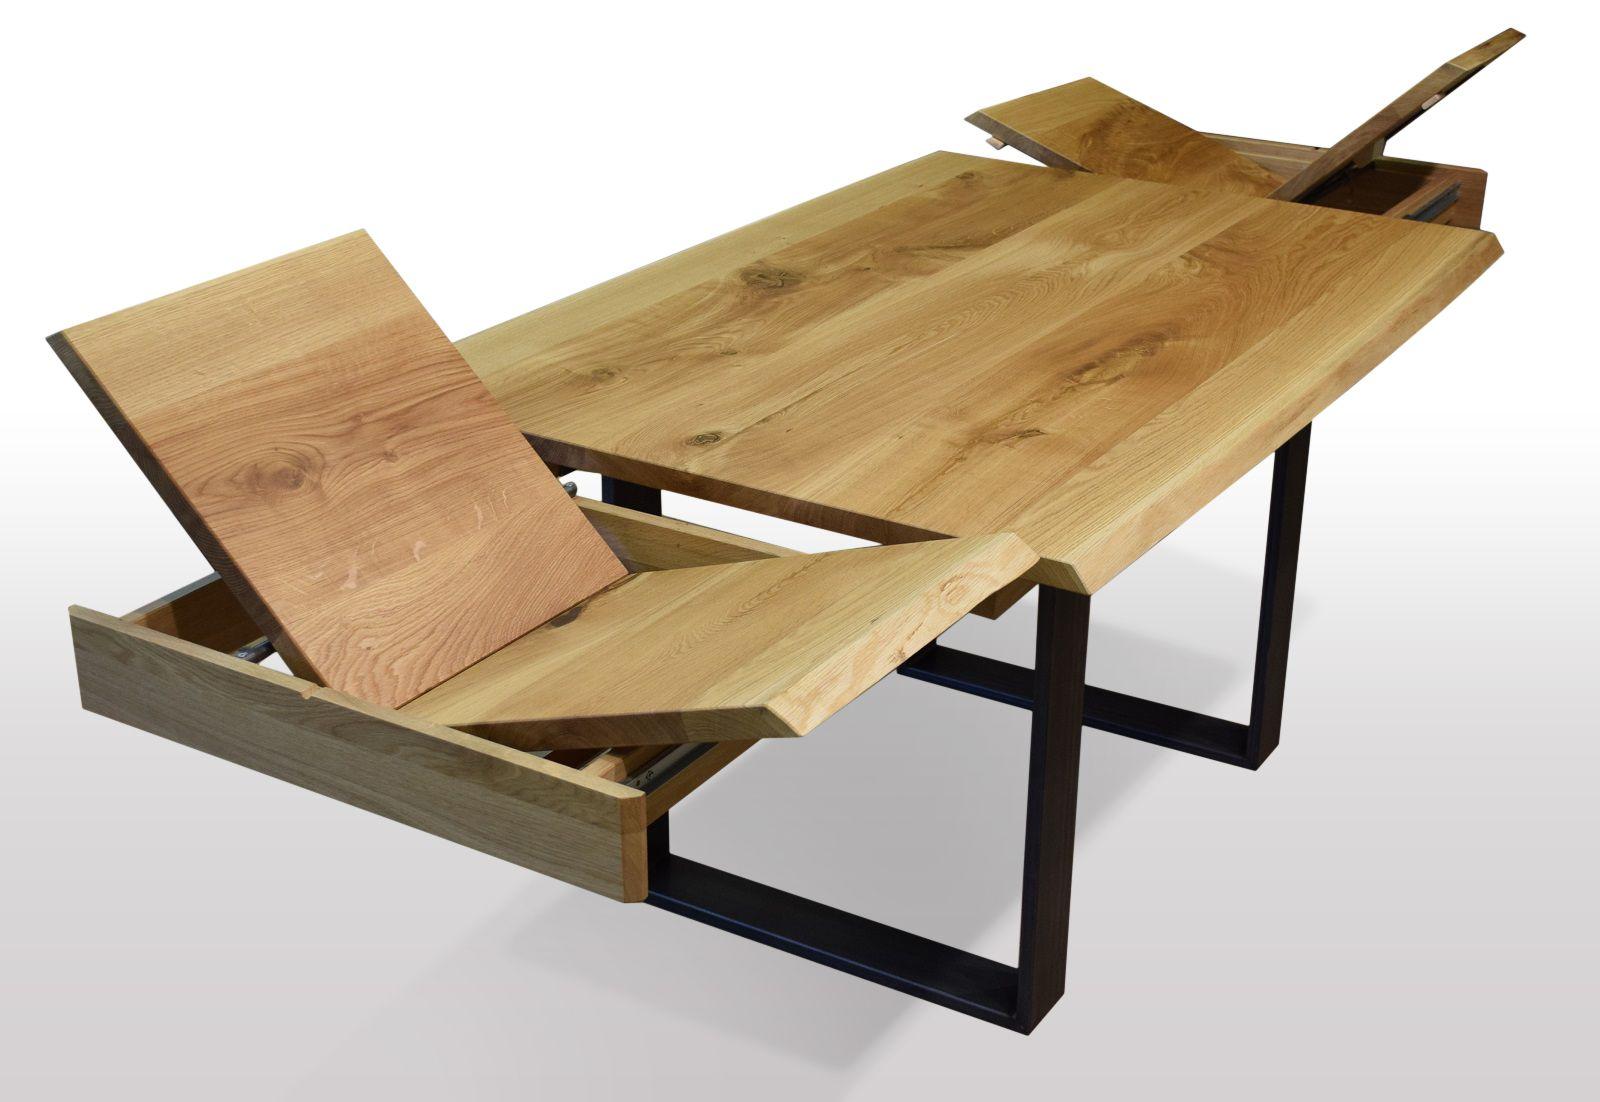 Baumkanten Tisch Ausziehbar Eiche Breite 80cm Lange Wahlbar Esstisch Holz Ausziehbar Esstisch Eiche Esstisch Ausziehbar